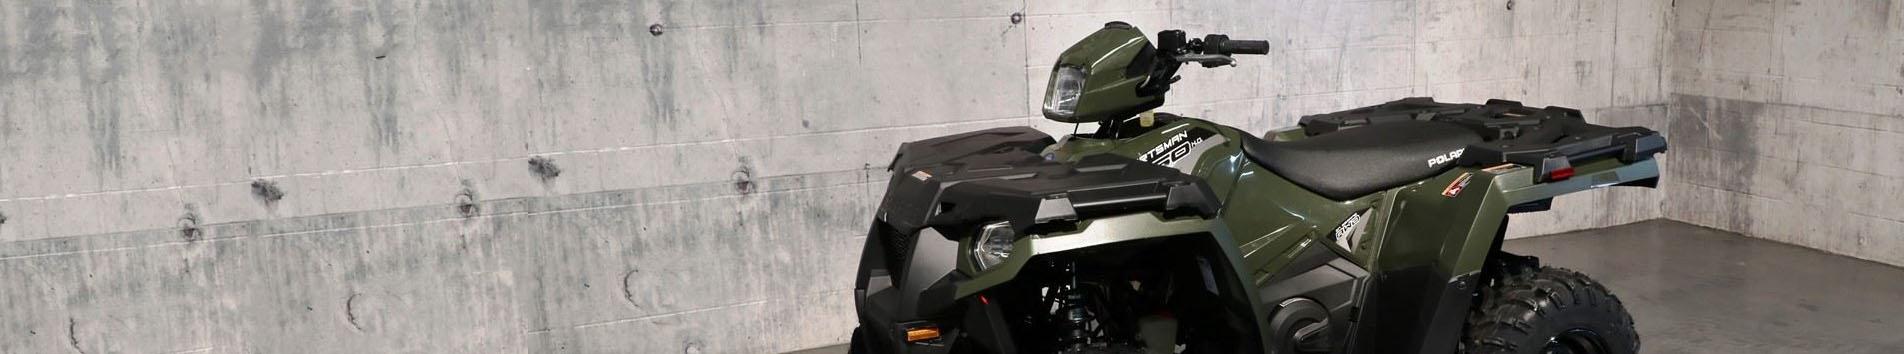 ATV Recreacional